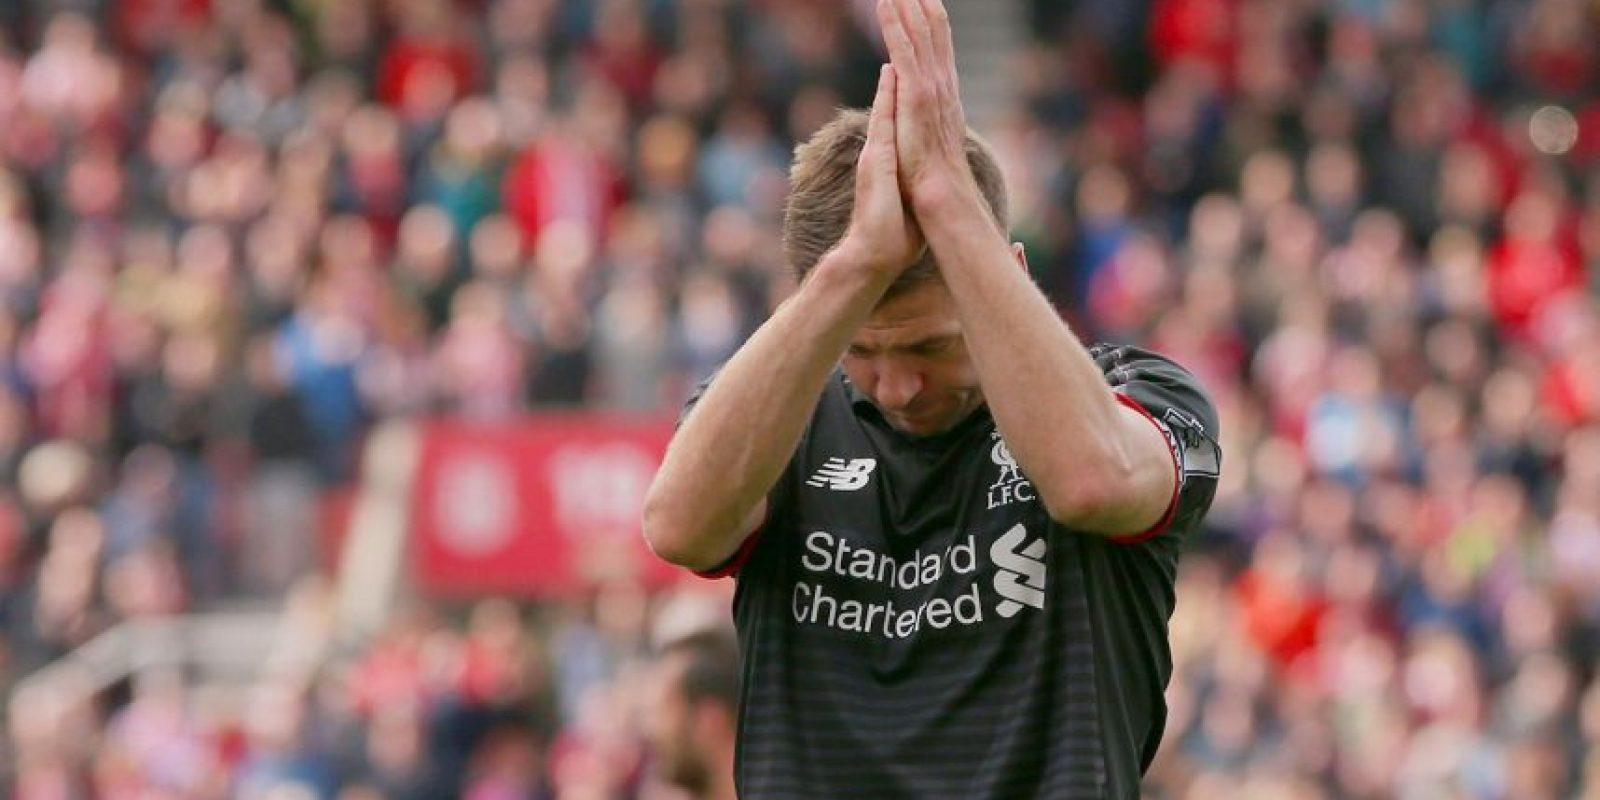 Steven Gerrard debutó con el primer equipo de Liverpool el 29 de noviembre de 1998 Foto:Getty Images